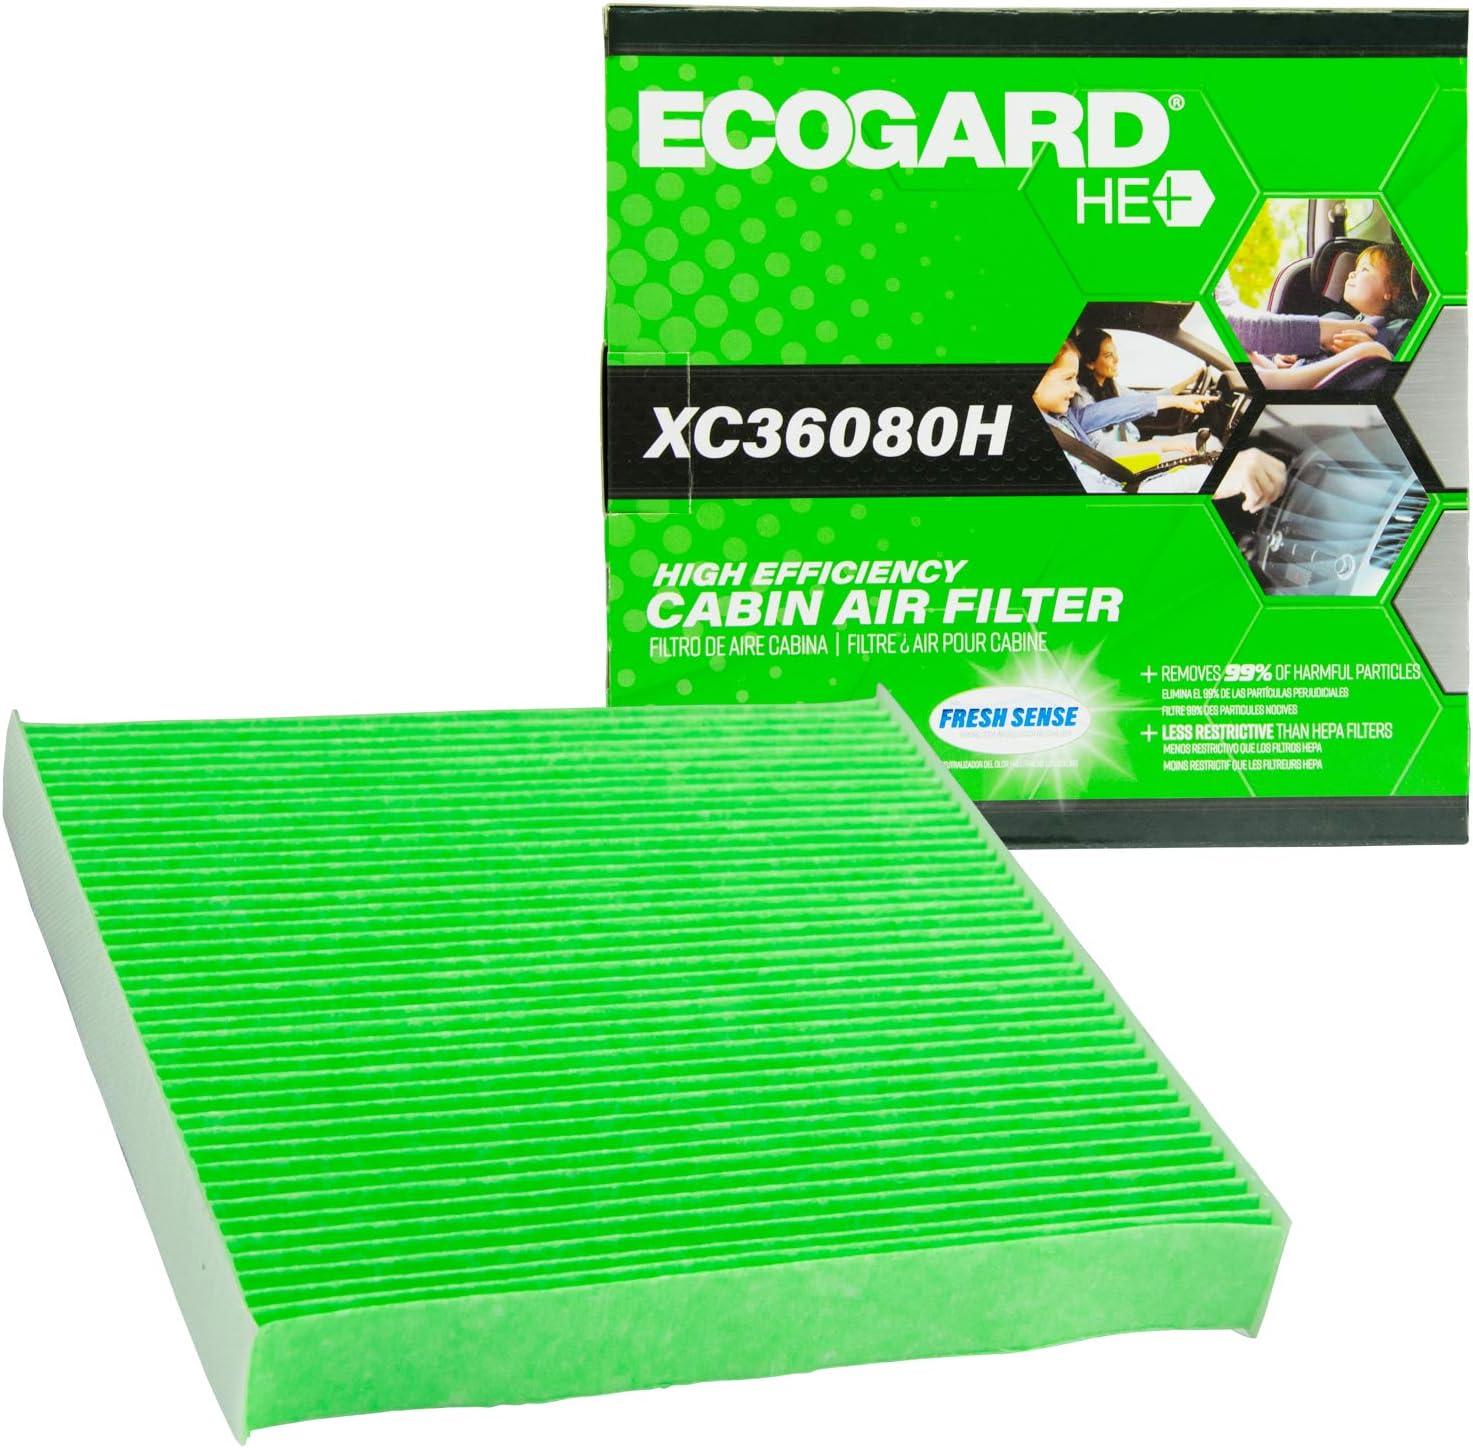 ECOGARD XC36080H Filter